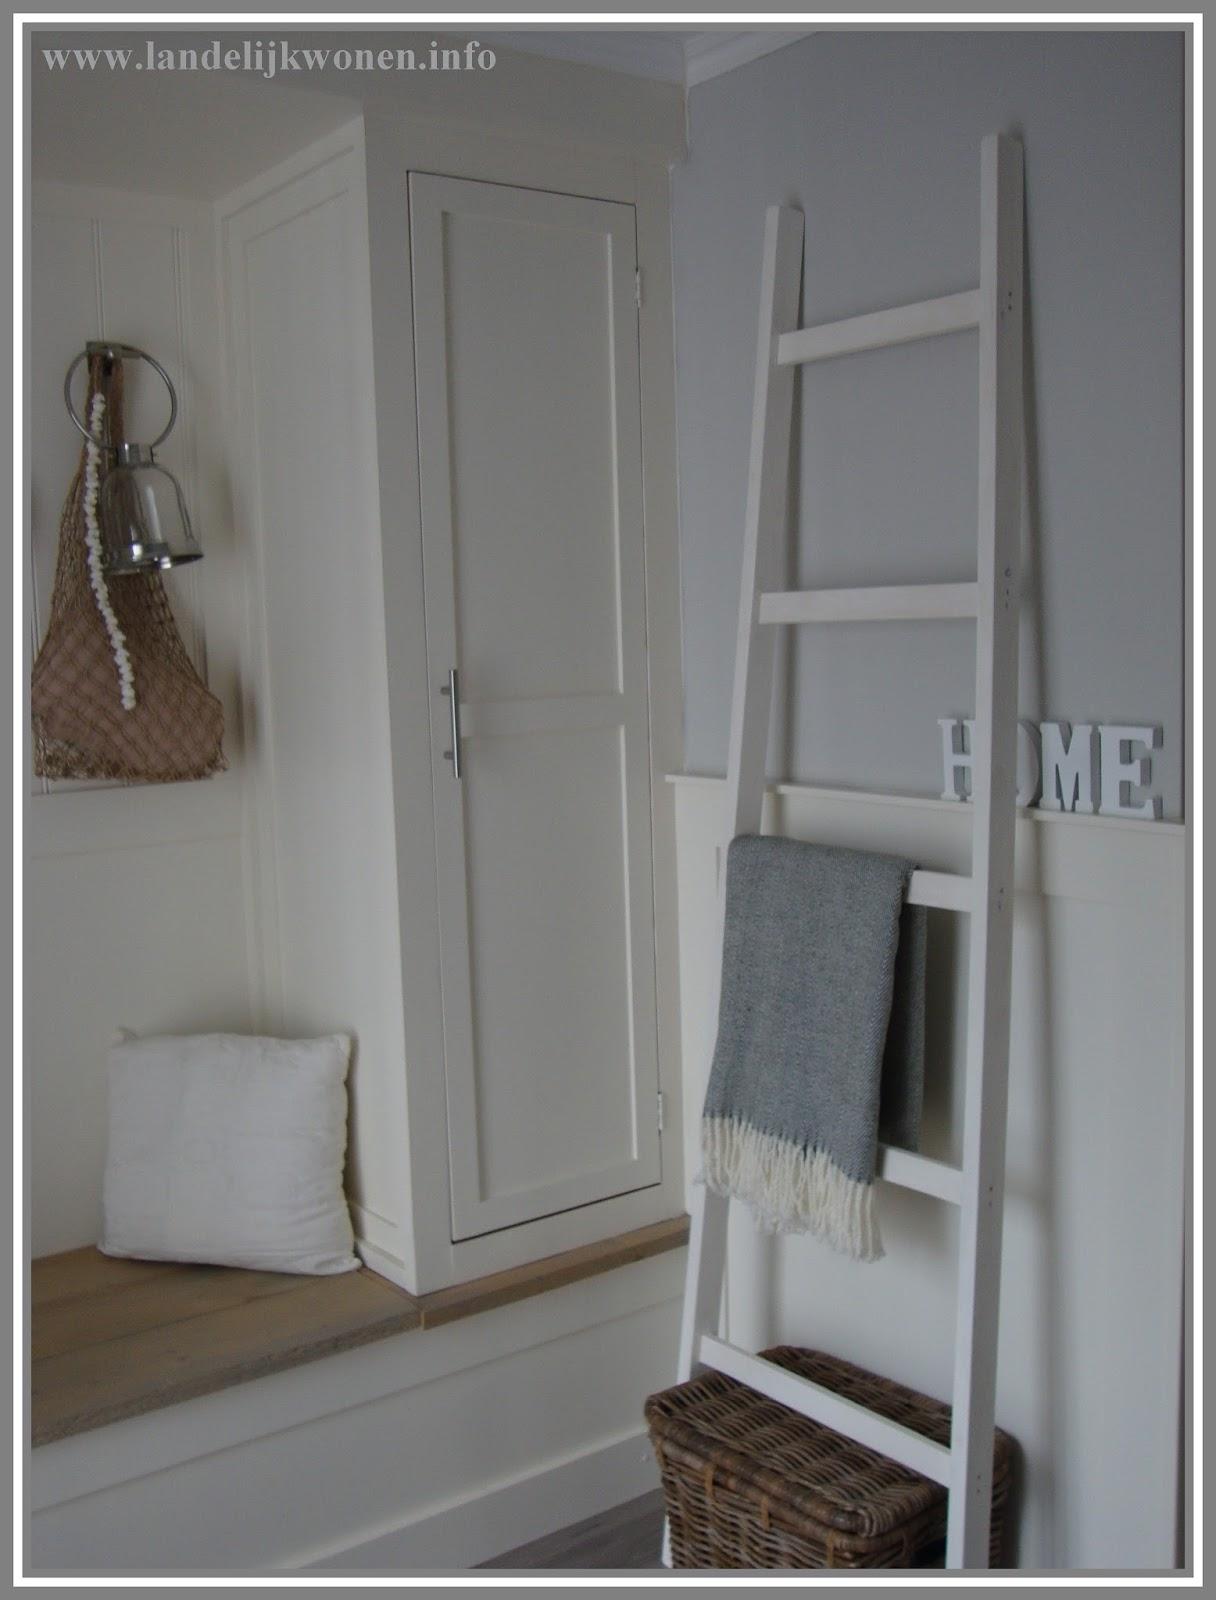 fabulous slaapkamer zelf maken with slaapkamer zelf maken